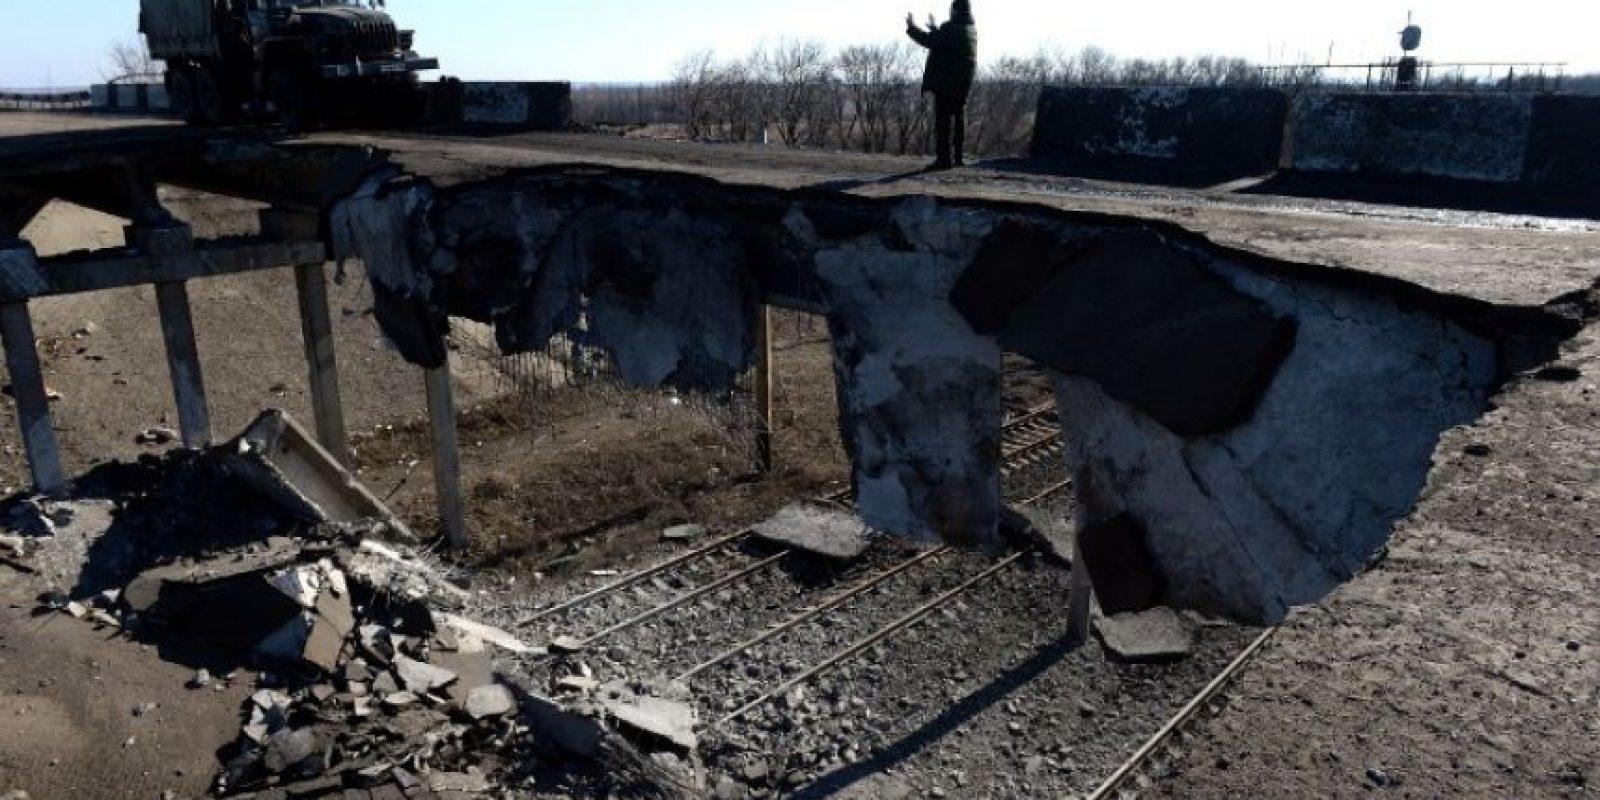 Un camión de propiedad de los prorrusos cruzó por un puente destruido en Ucrania el pasado 22 de febrero Foto:AFP